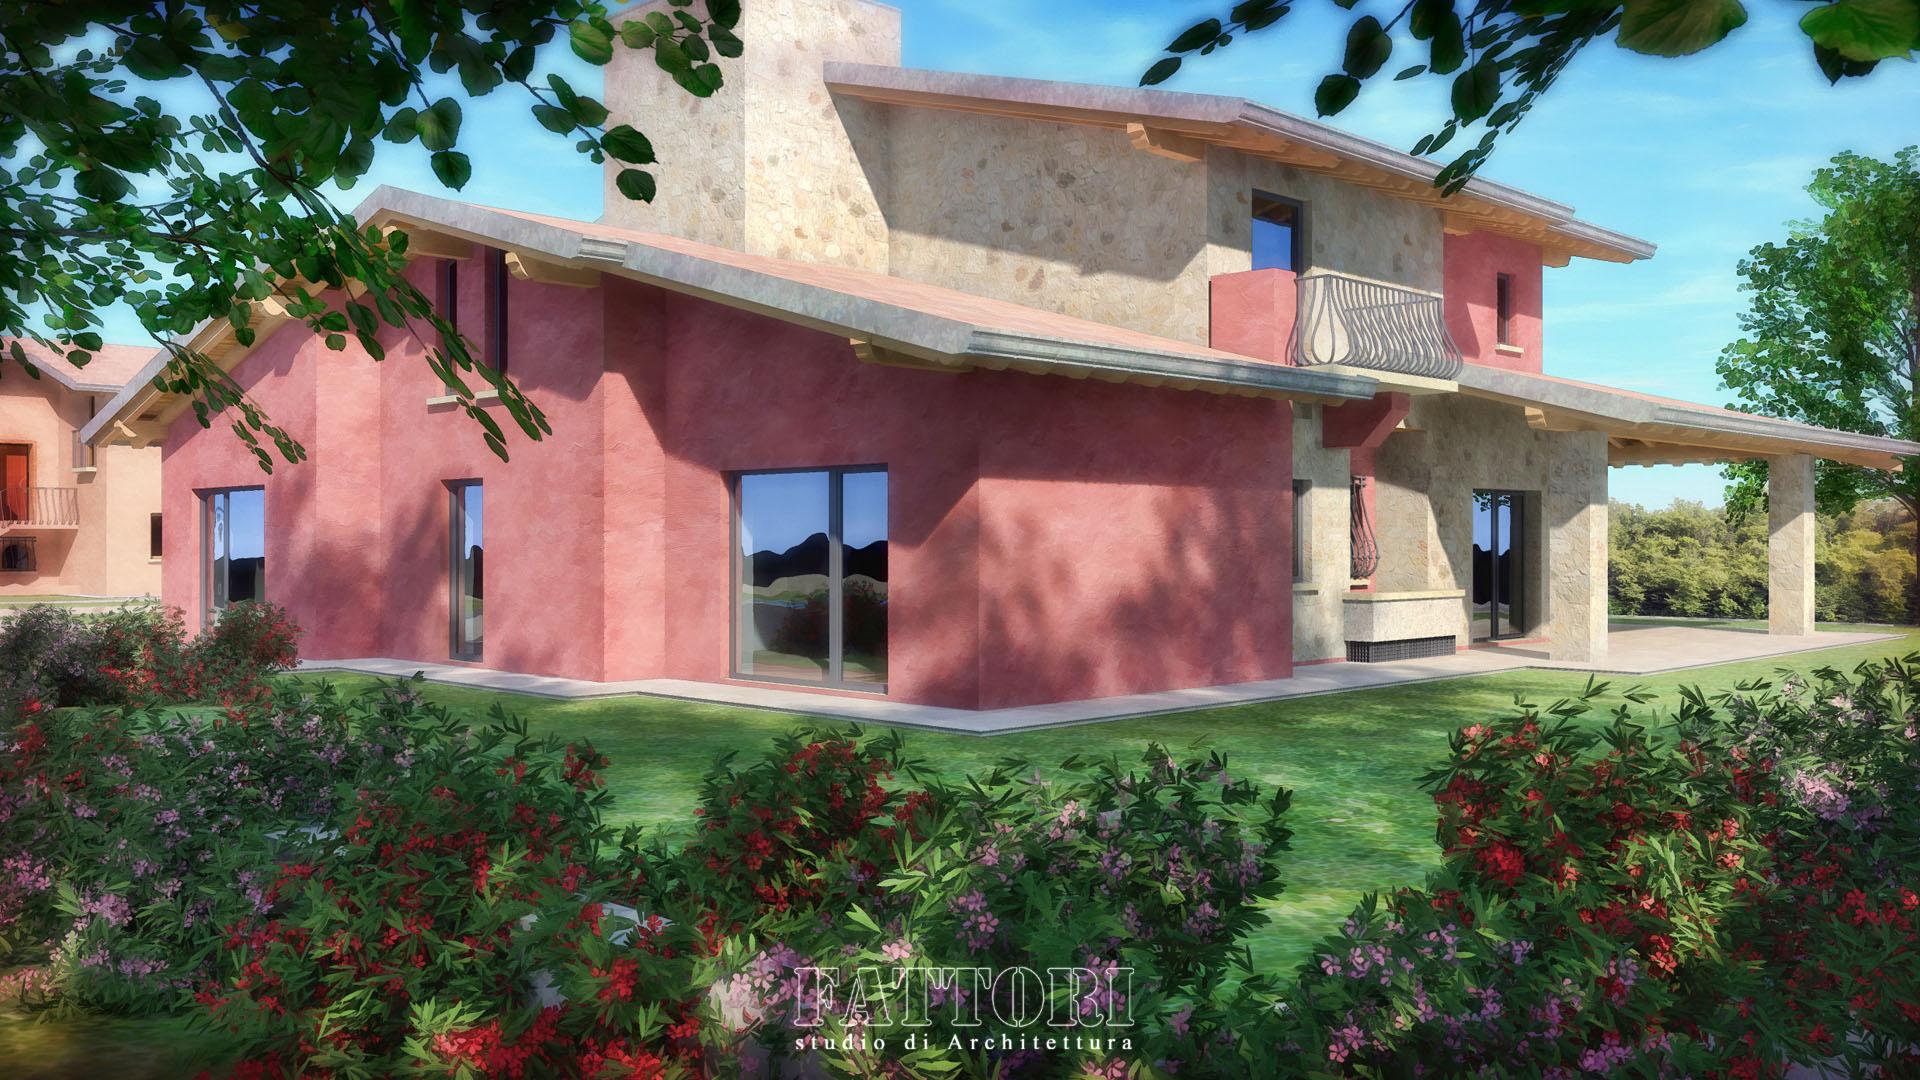 studio_di_architettura_fattori_fausto_progettazione ville case residenziali_3